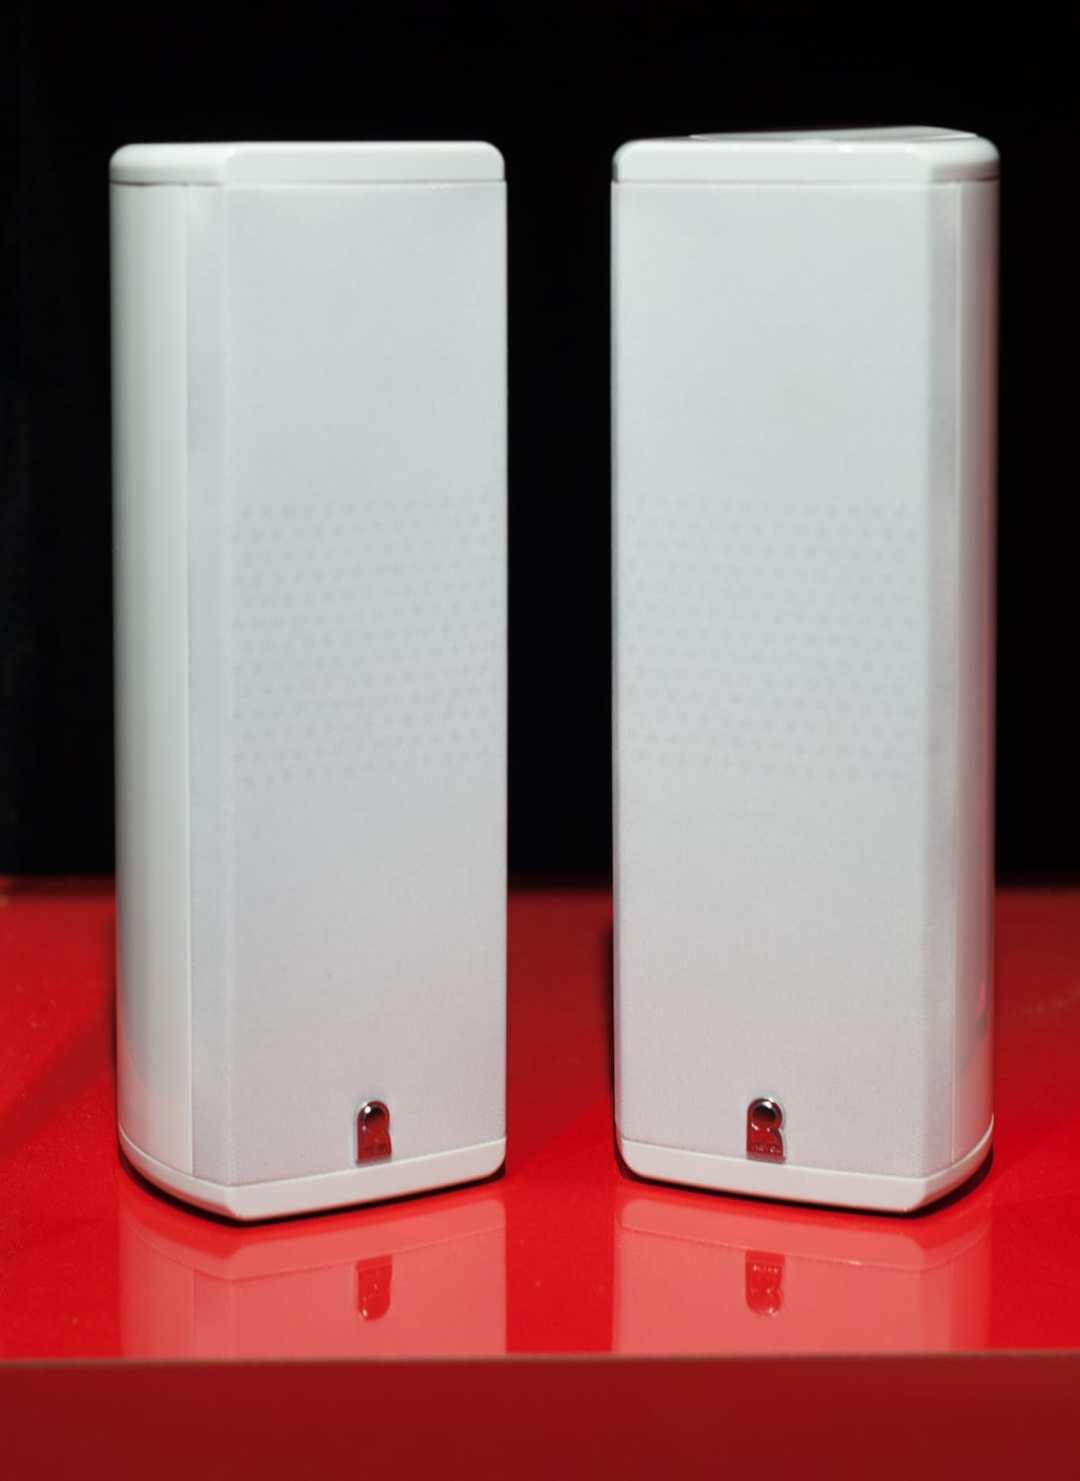 Revel M8 white